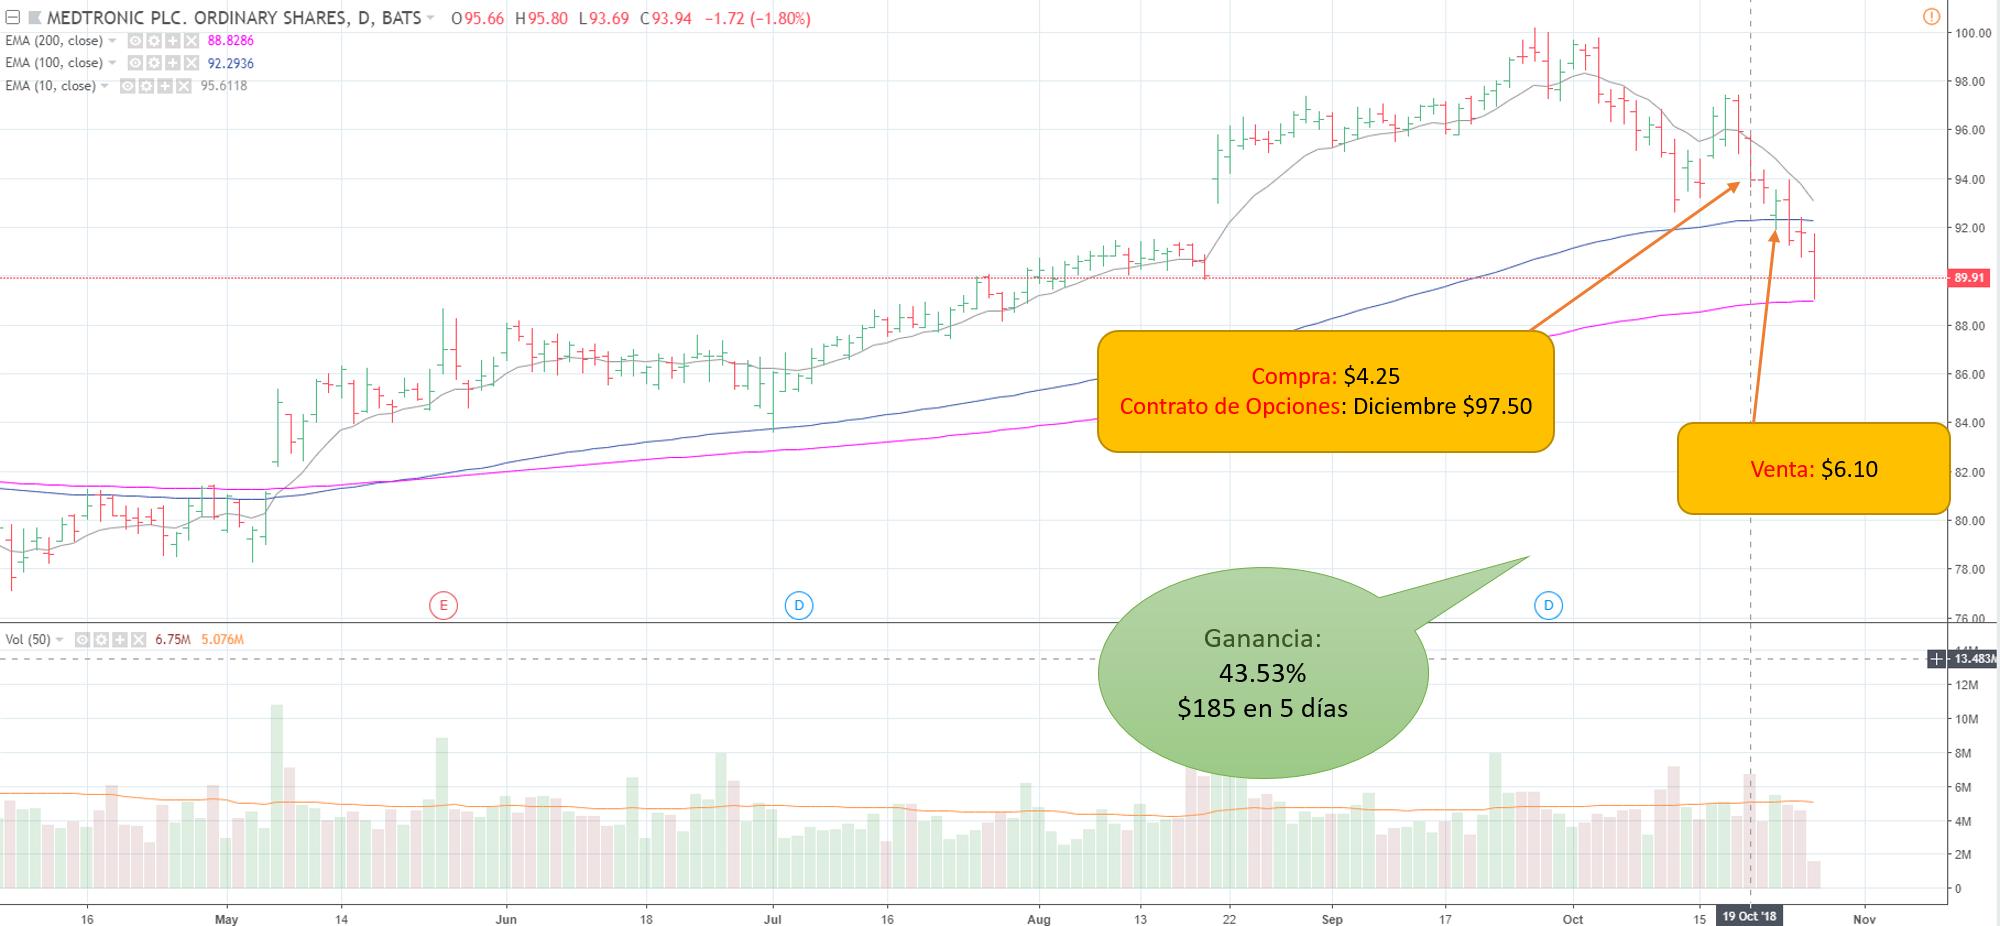 Cursos de bolsa: extraer ganancias del mercado